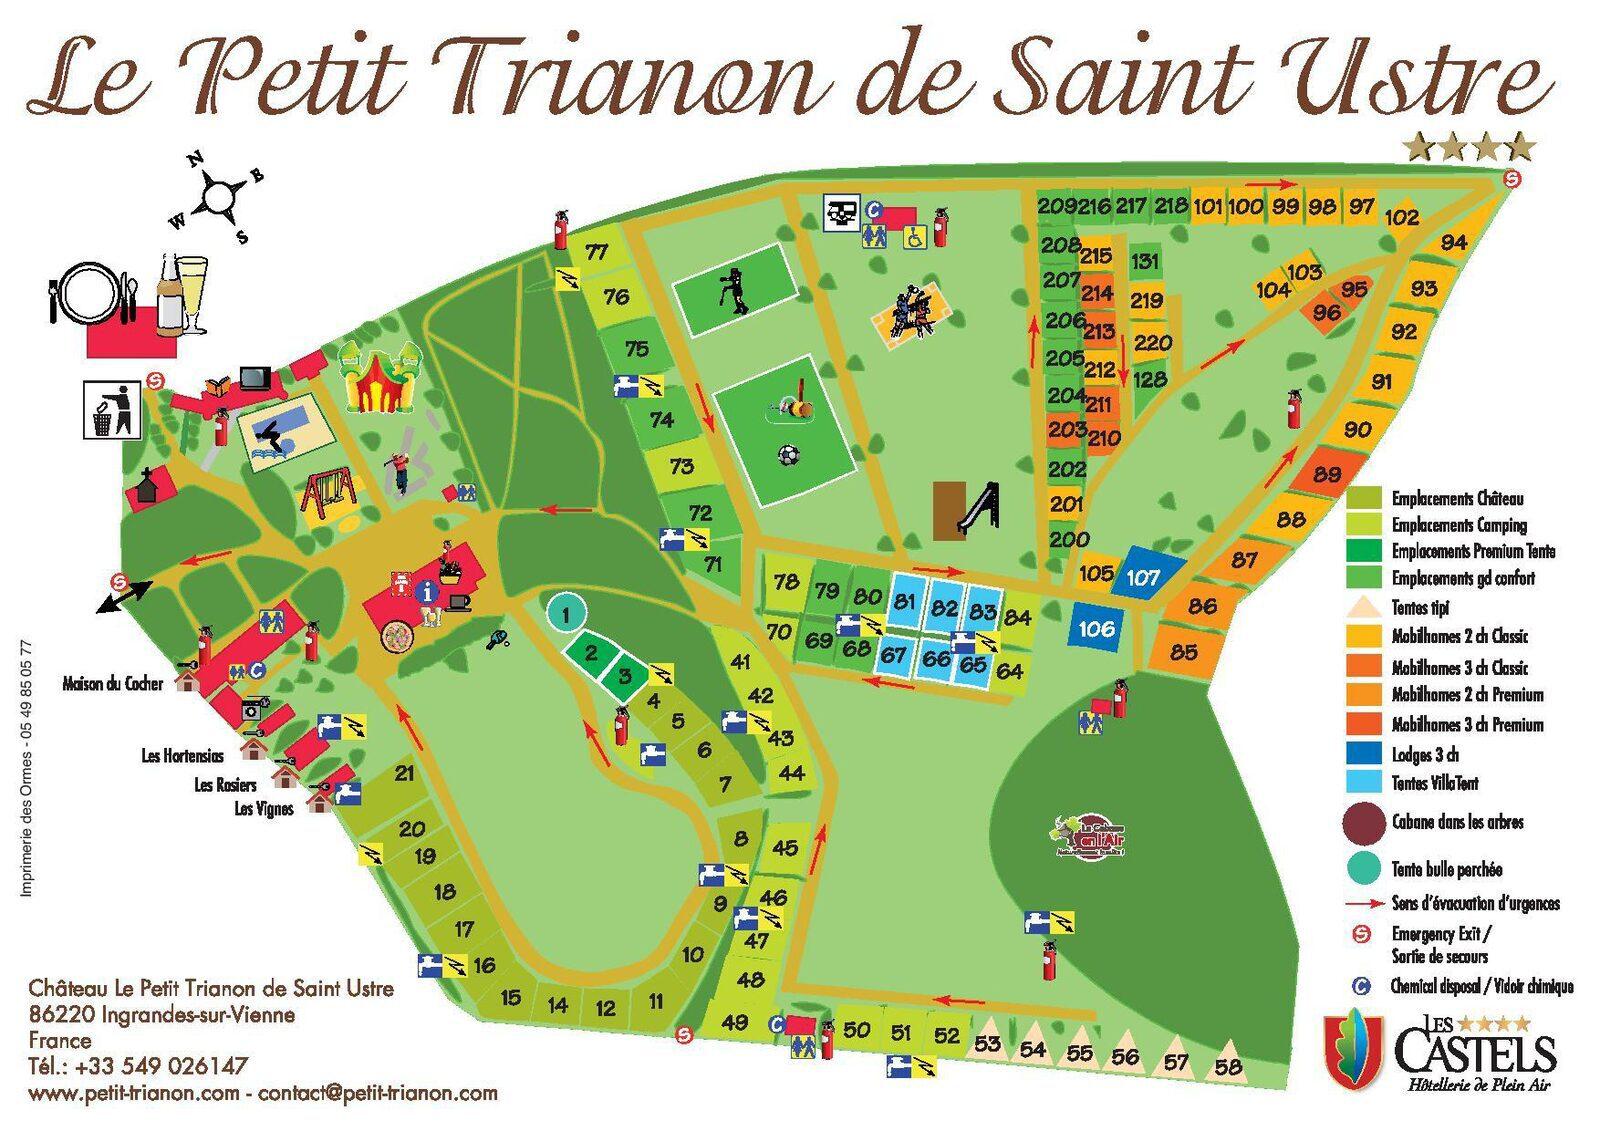 Plattegrond Le Petit Trianon